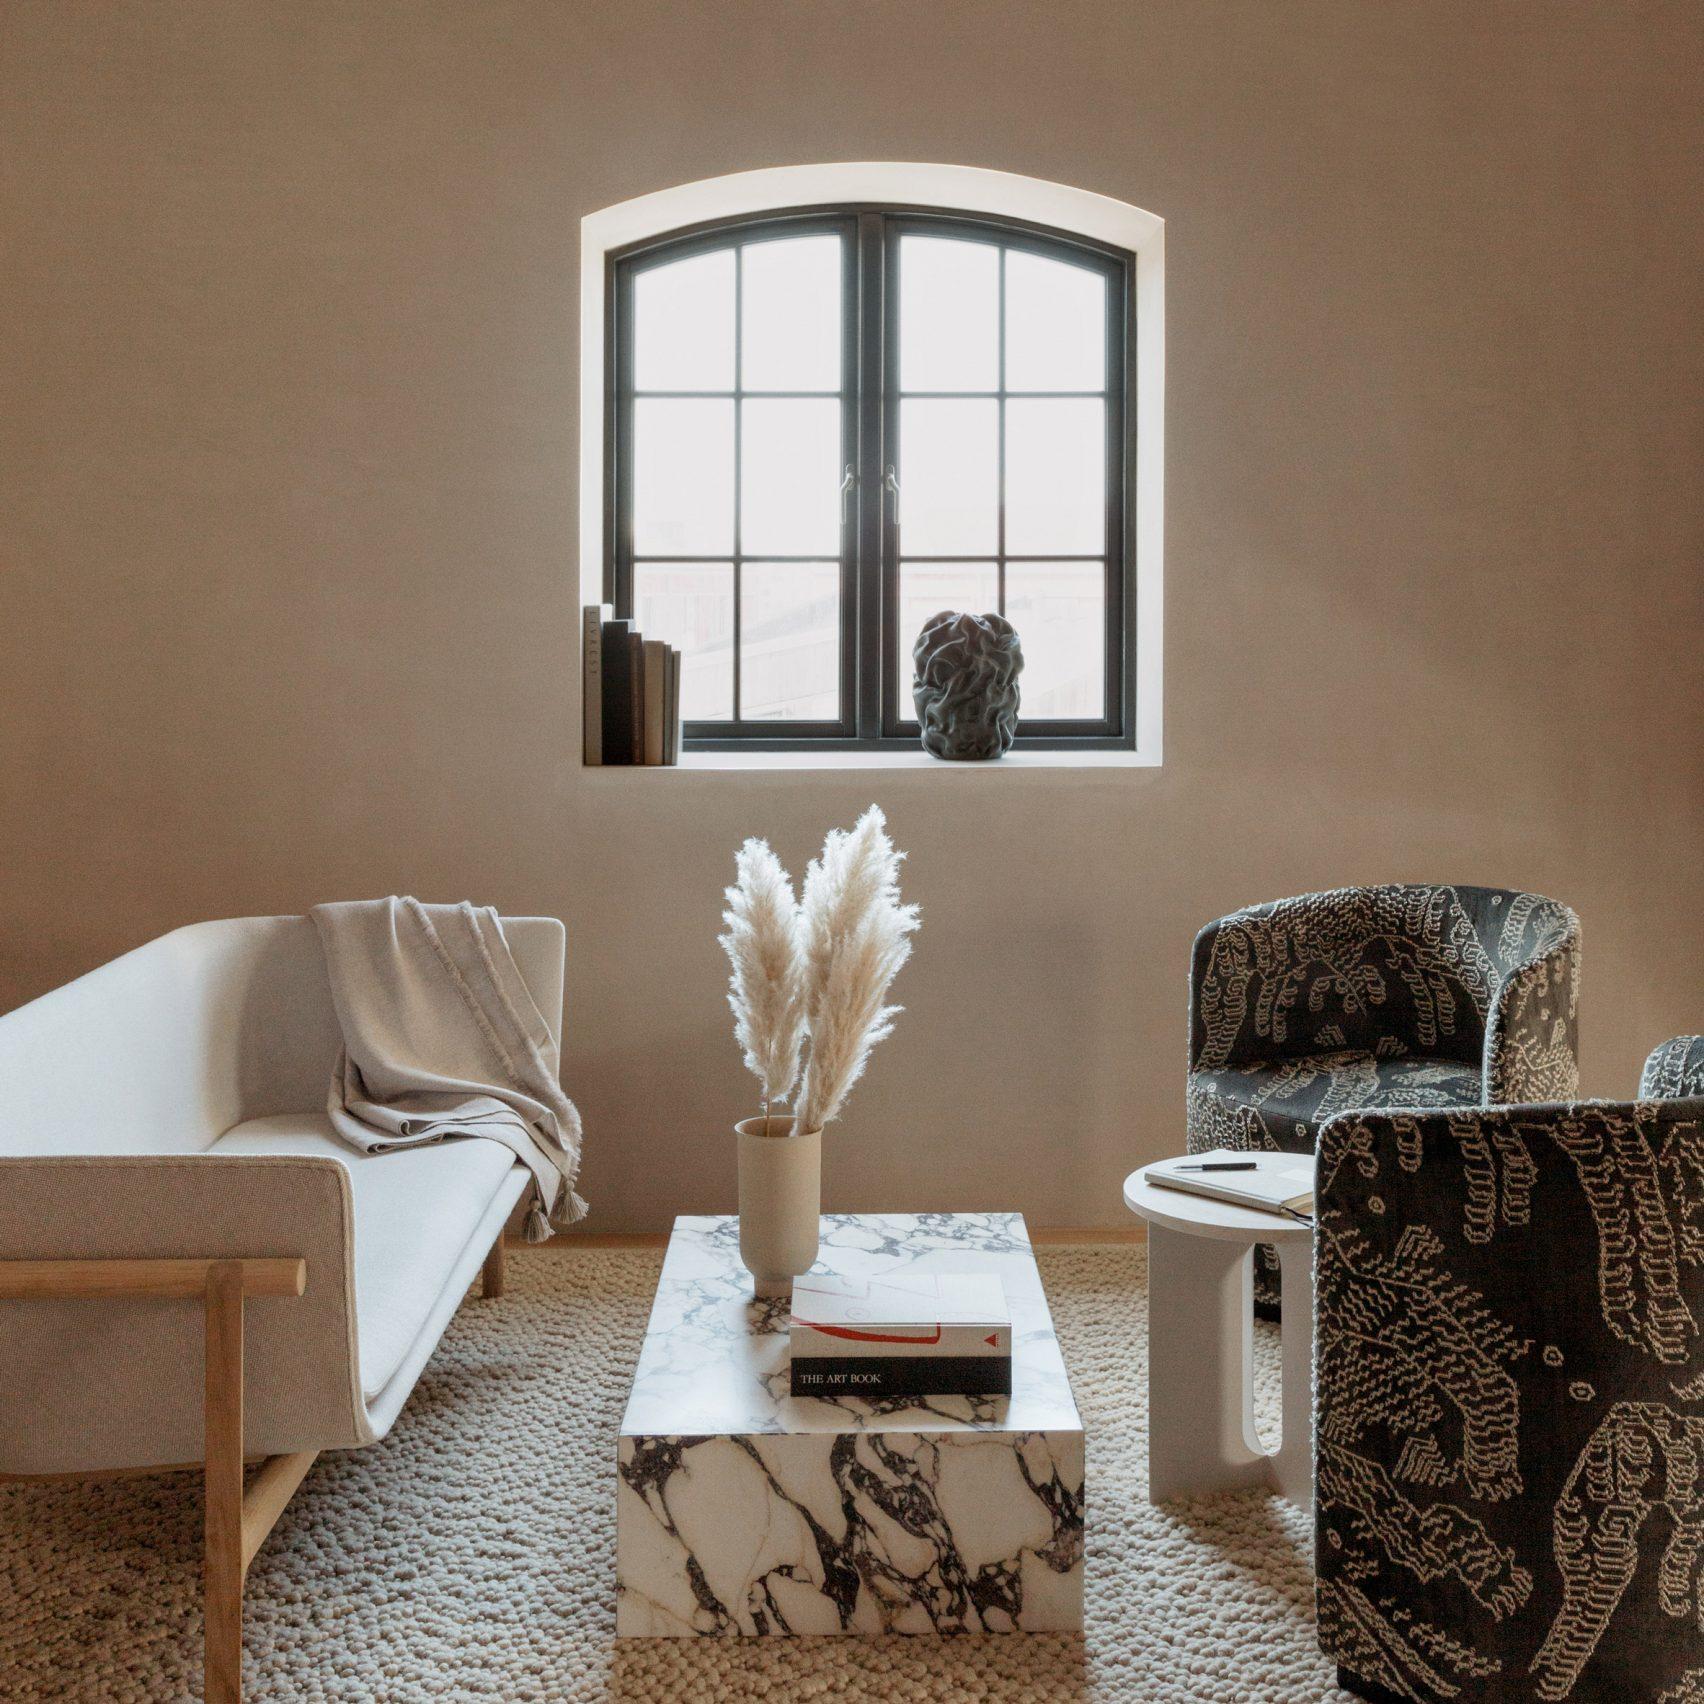 Những thiết kế phòng khách trang nhã, tinh tế lấy cảm hứng từ phong cách Nhật - Ảnh 3.